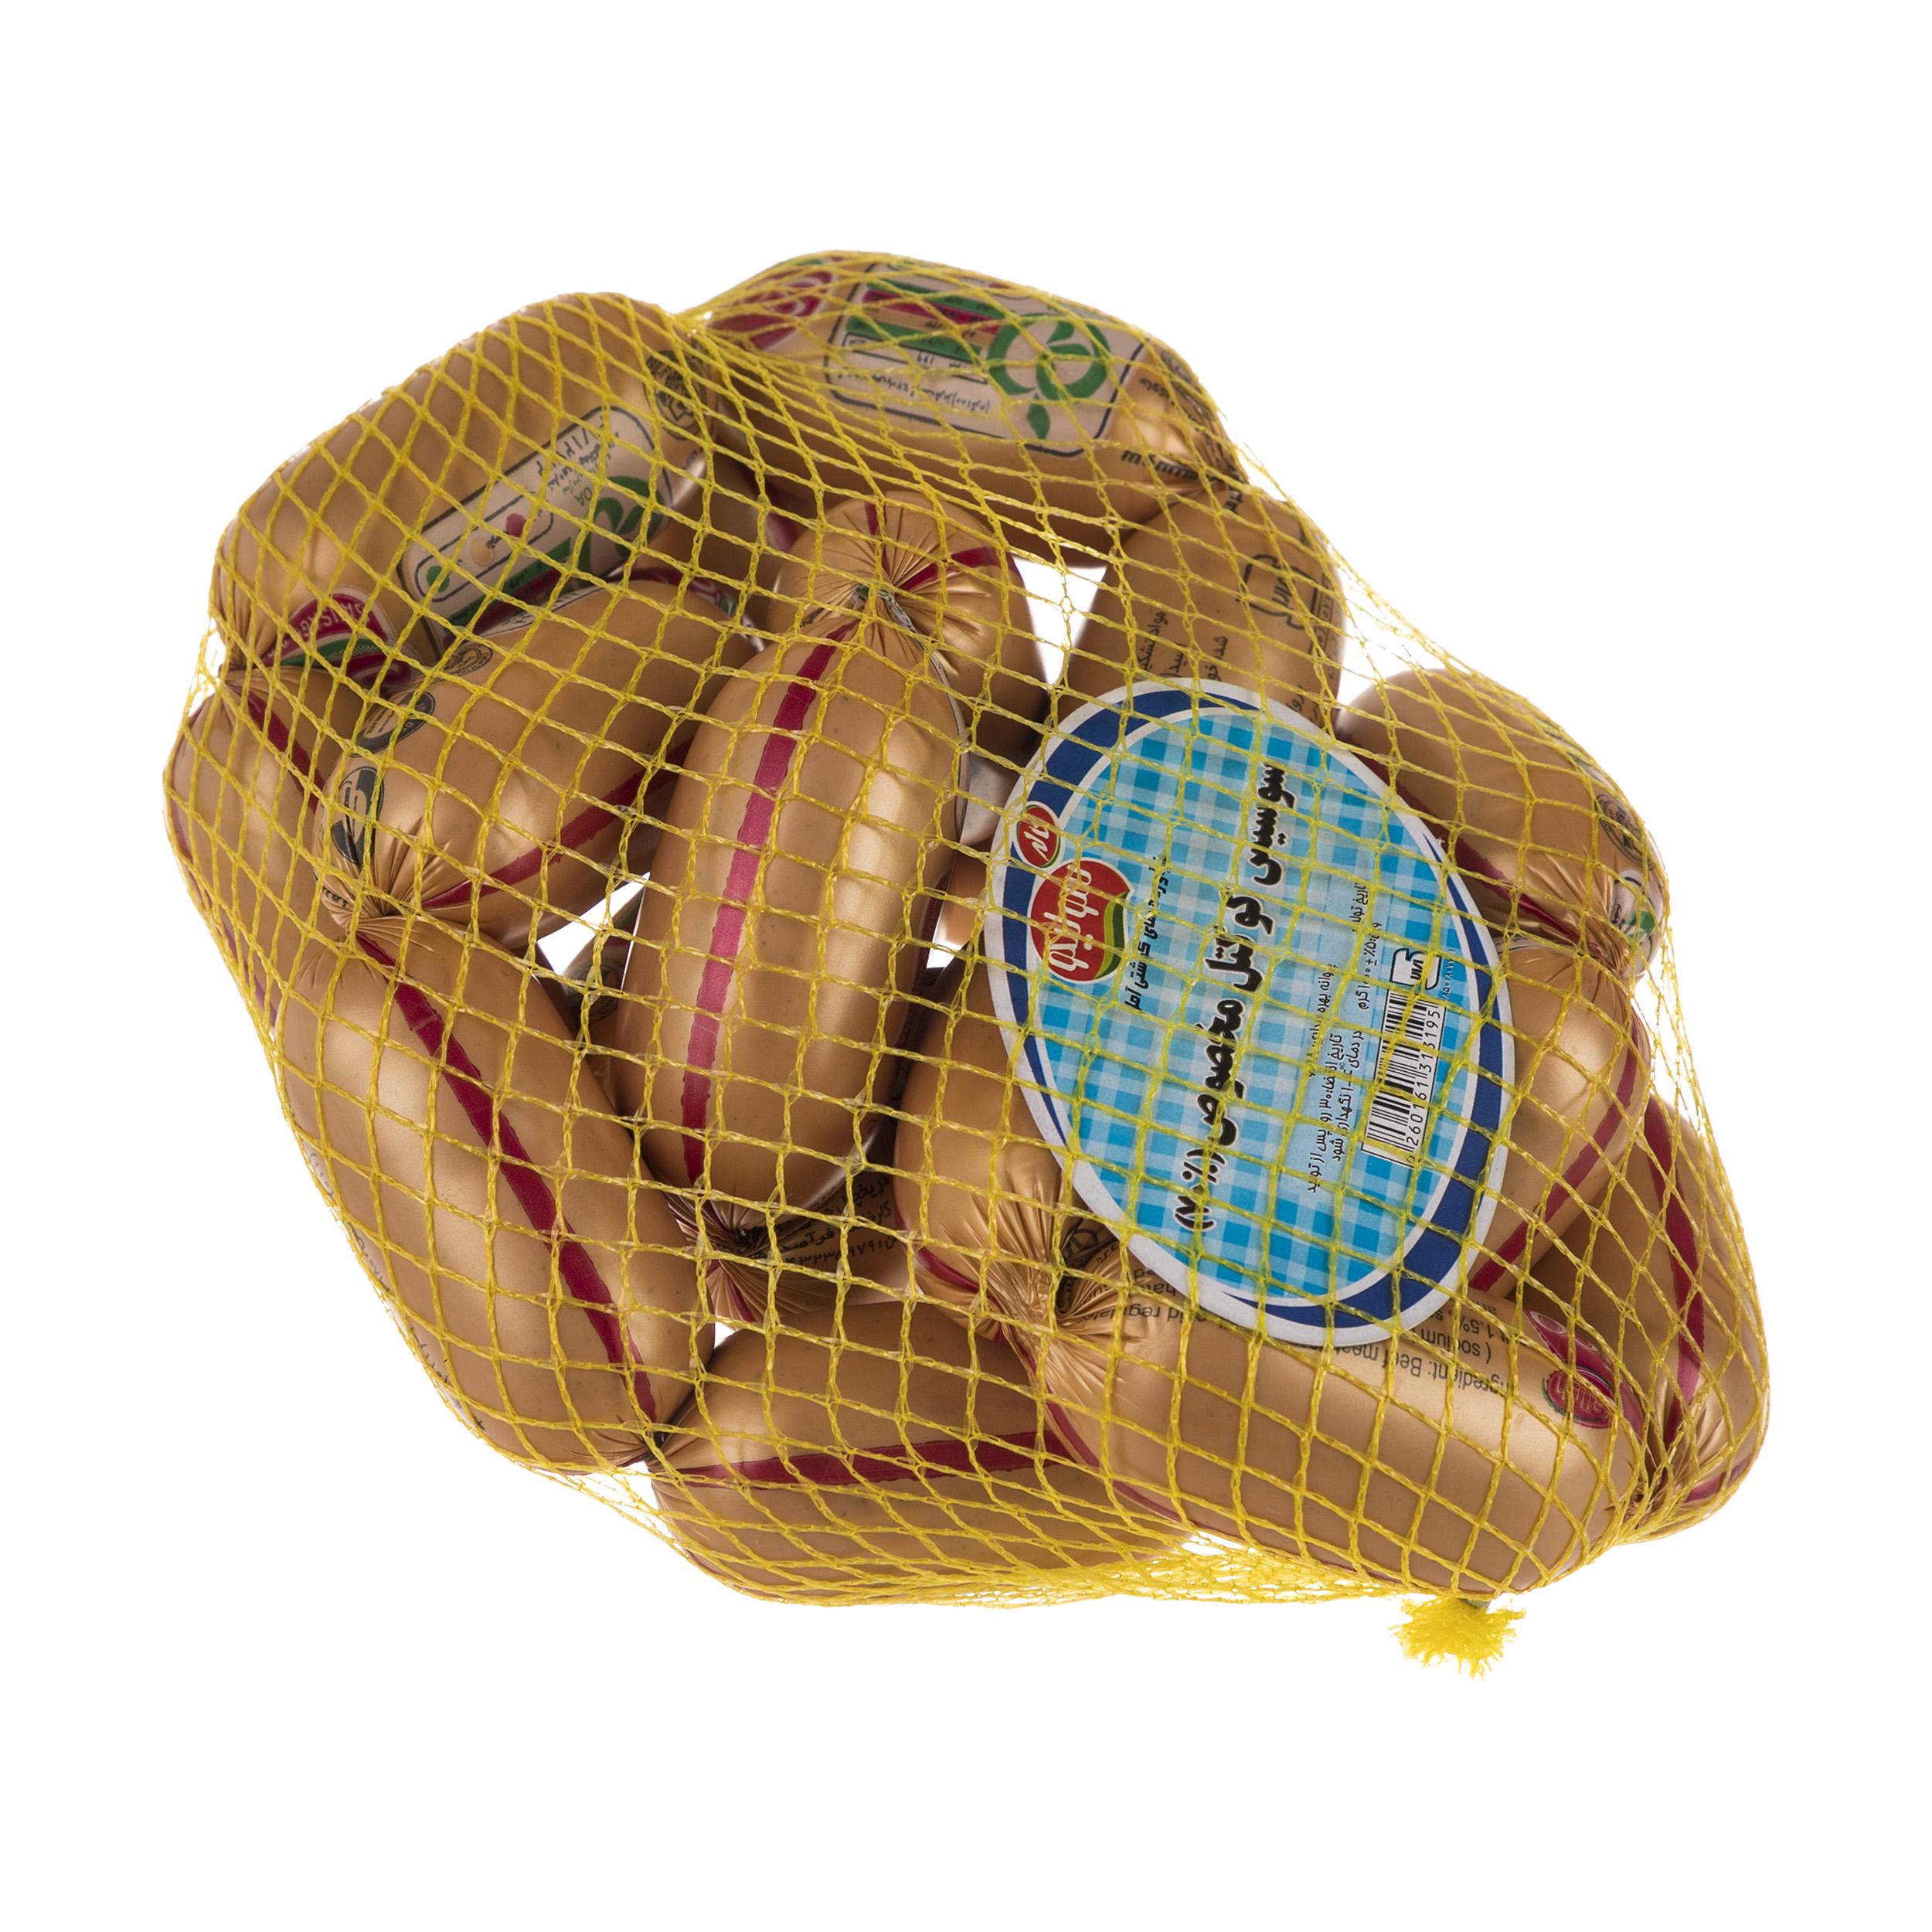 سوسیس کوکتل مخصوص 70 درصد سولیکو کاله وزن 1 کیلوگرم thumb